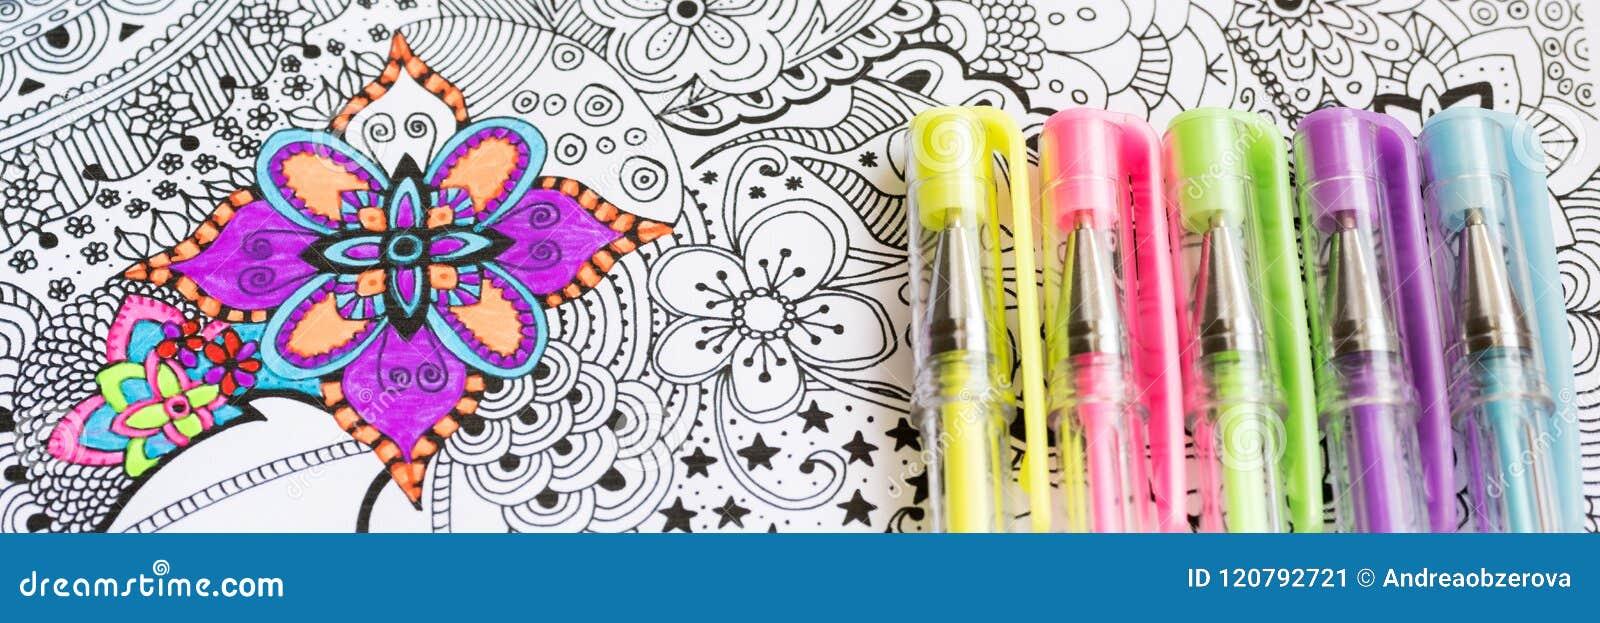 Livro para colorir adulto, tendência nova do alívio de esforço Conceito da terapia da arte, da saúde mental, da faculdade criador